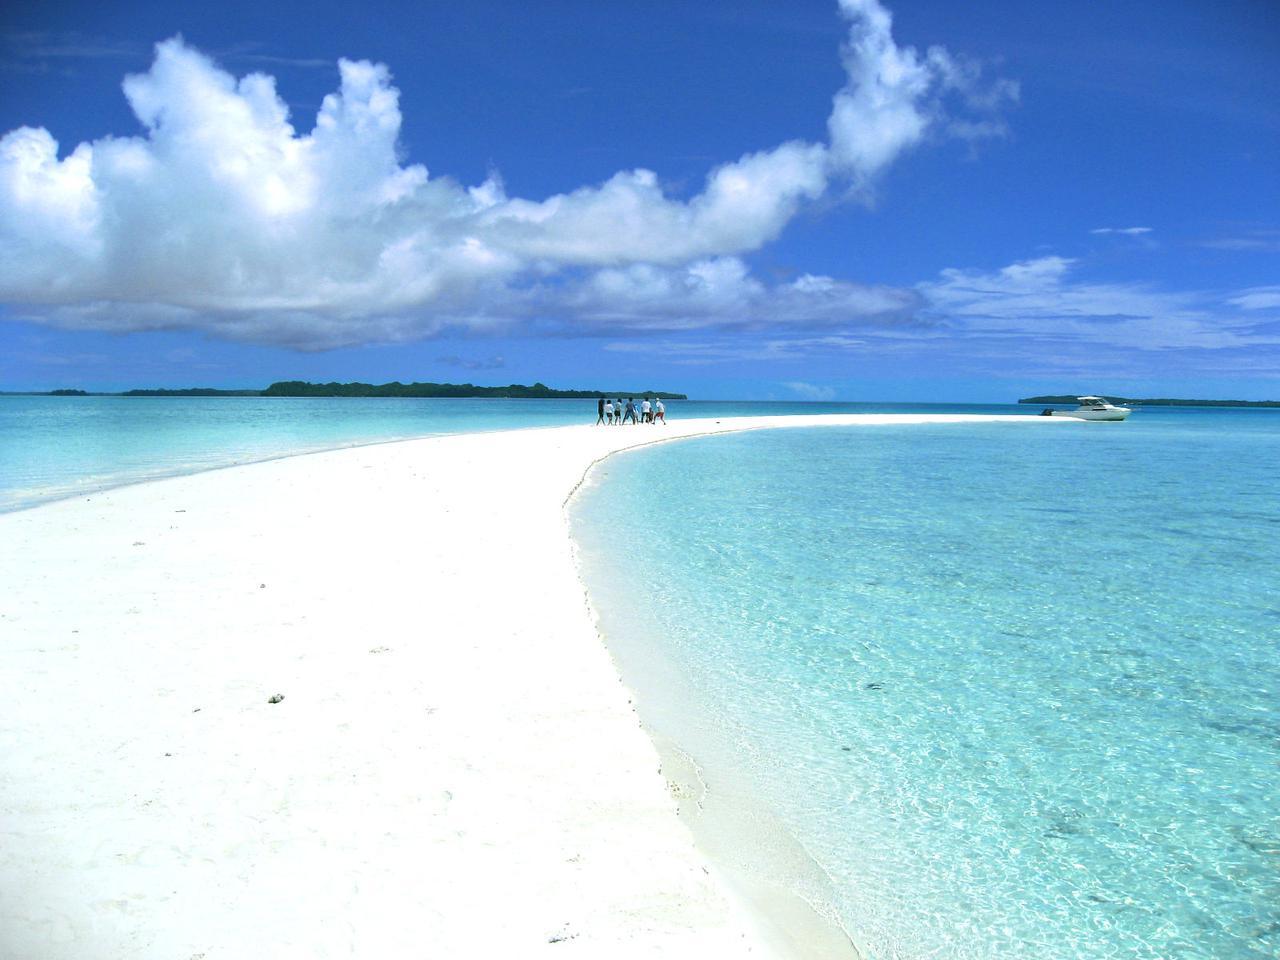 画像: 干潮時に現れるロングビーチ。白い砂浜が美しい浜辺です。(イメージ) 当日の海況により、ご覧になれない場合もございます。